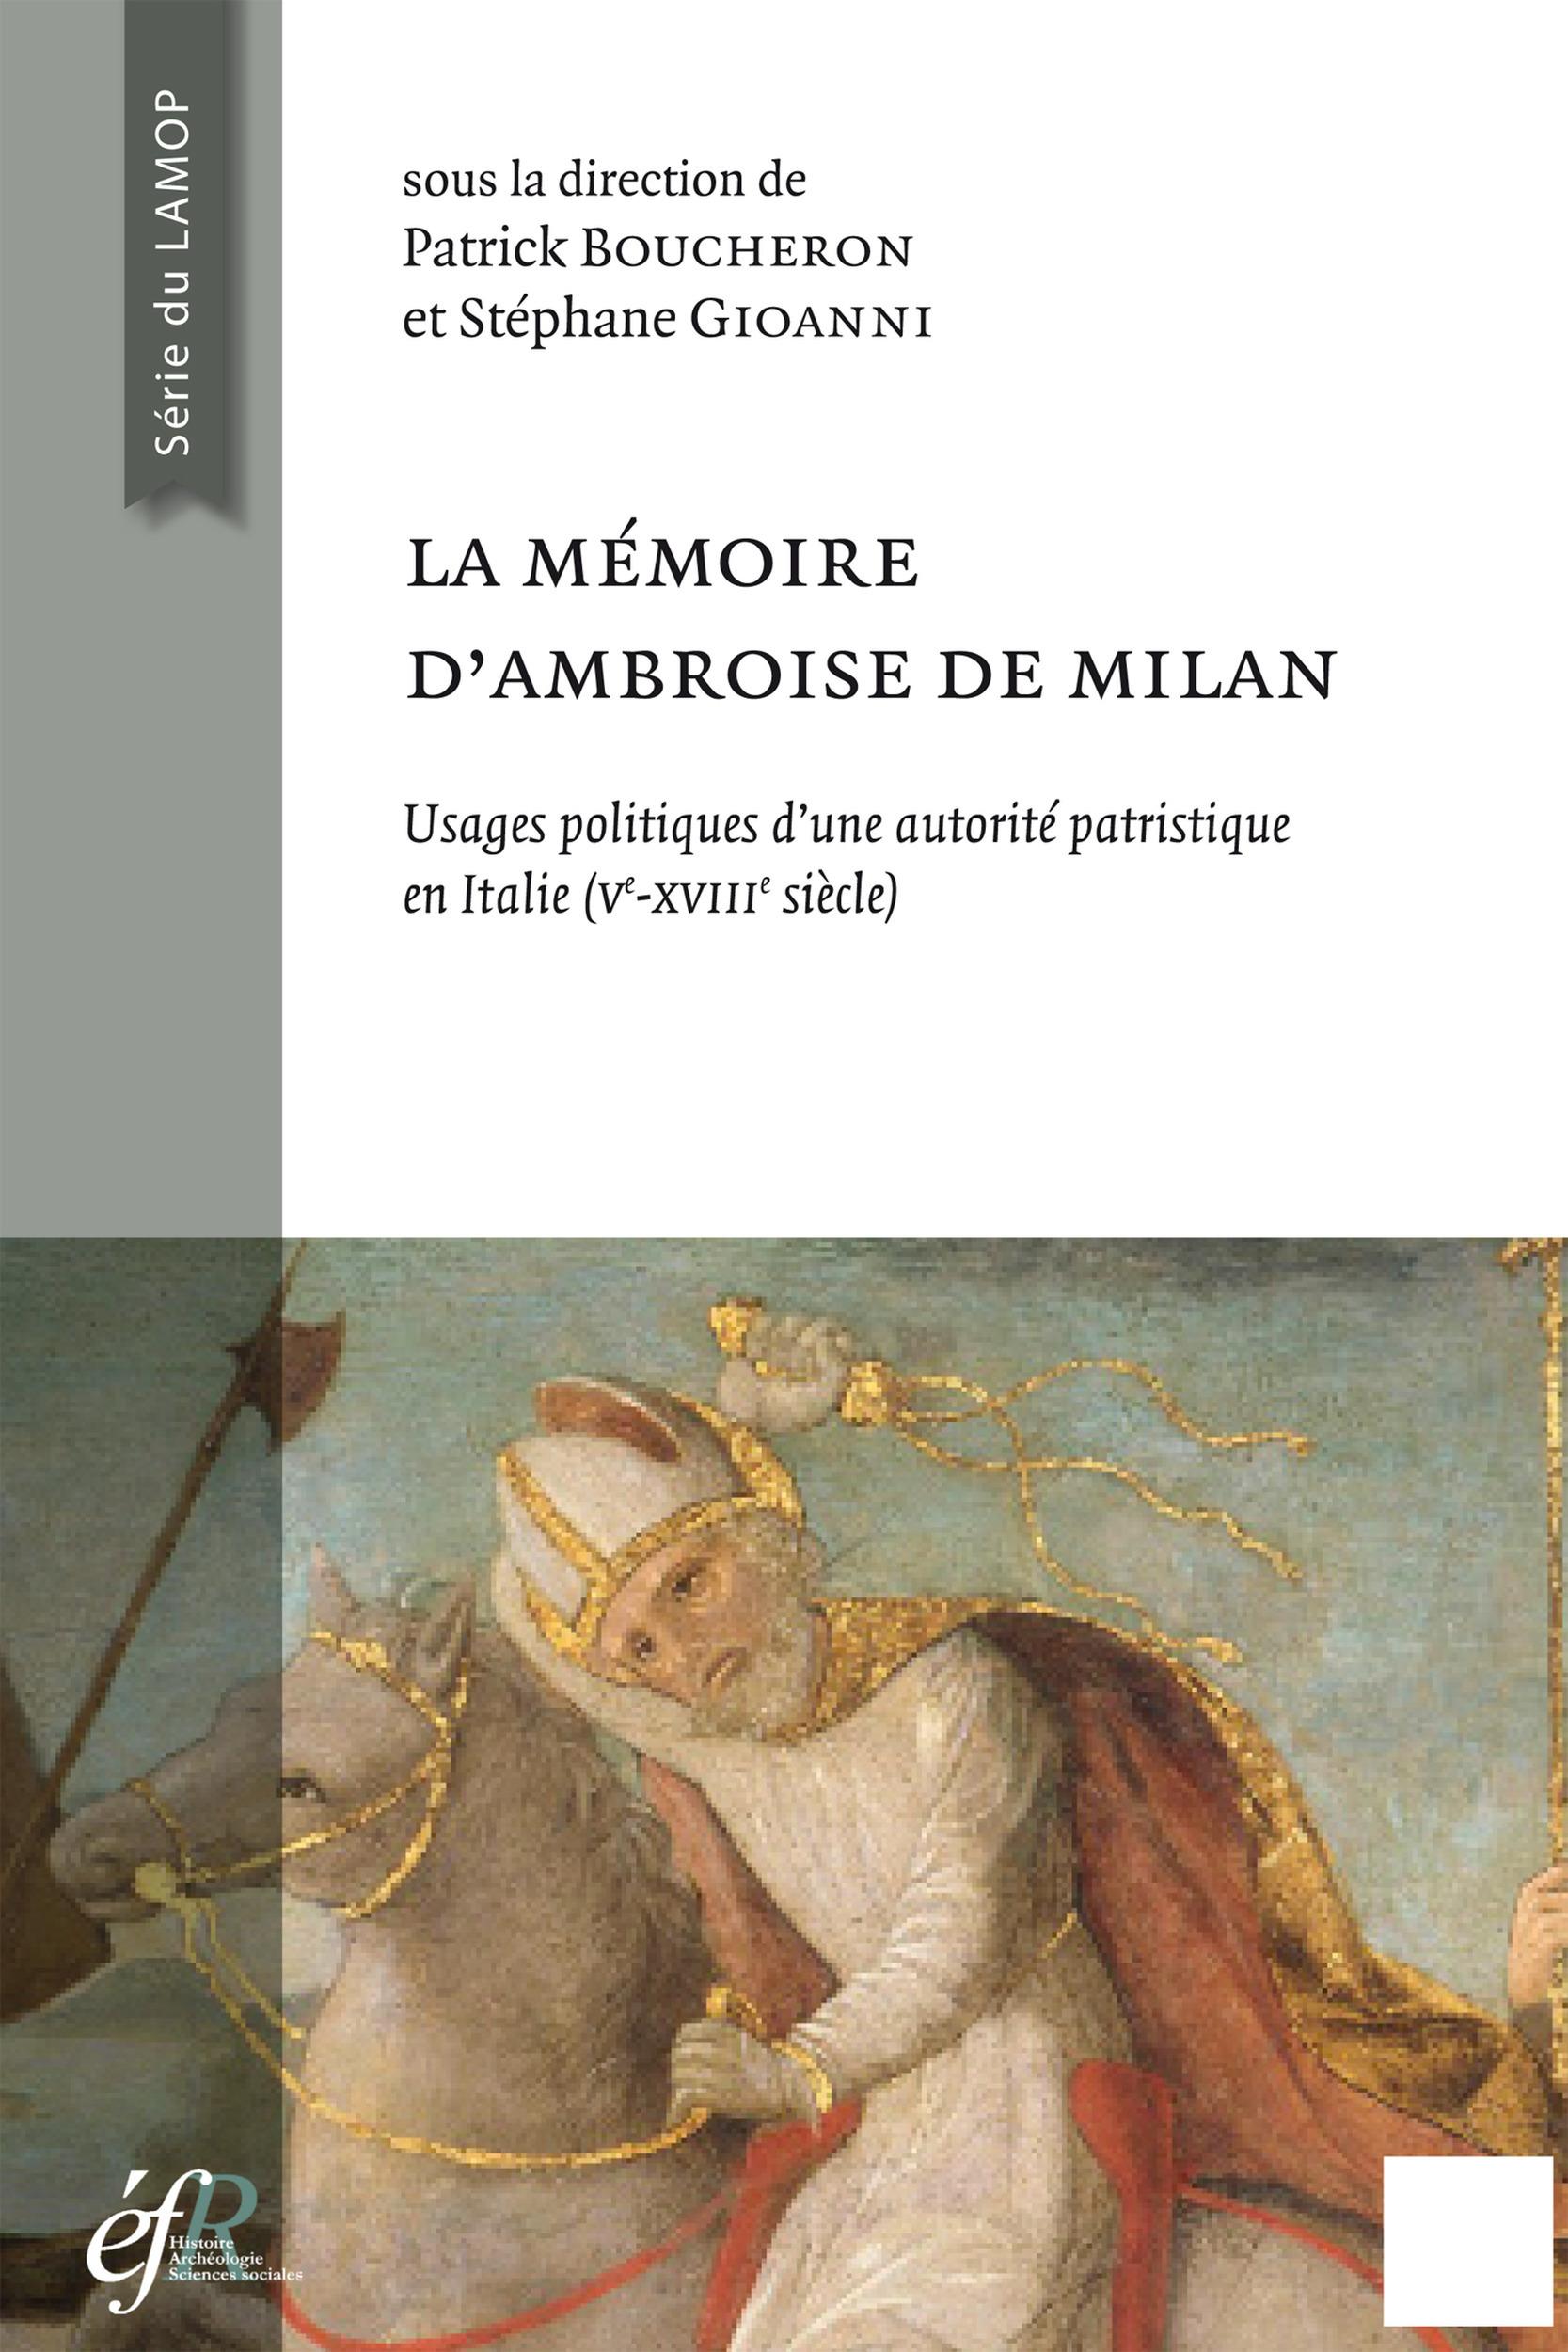 La mémoire d'Ambroise de Milan : usages politiques et sociaux d'une autorité patristique en Italie (Ve-XVIIIe siècle)